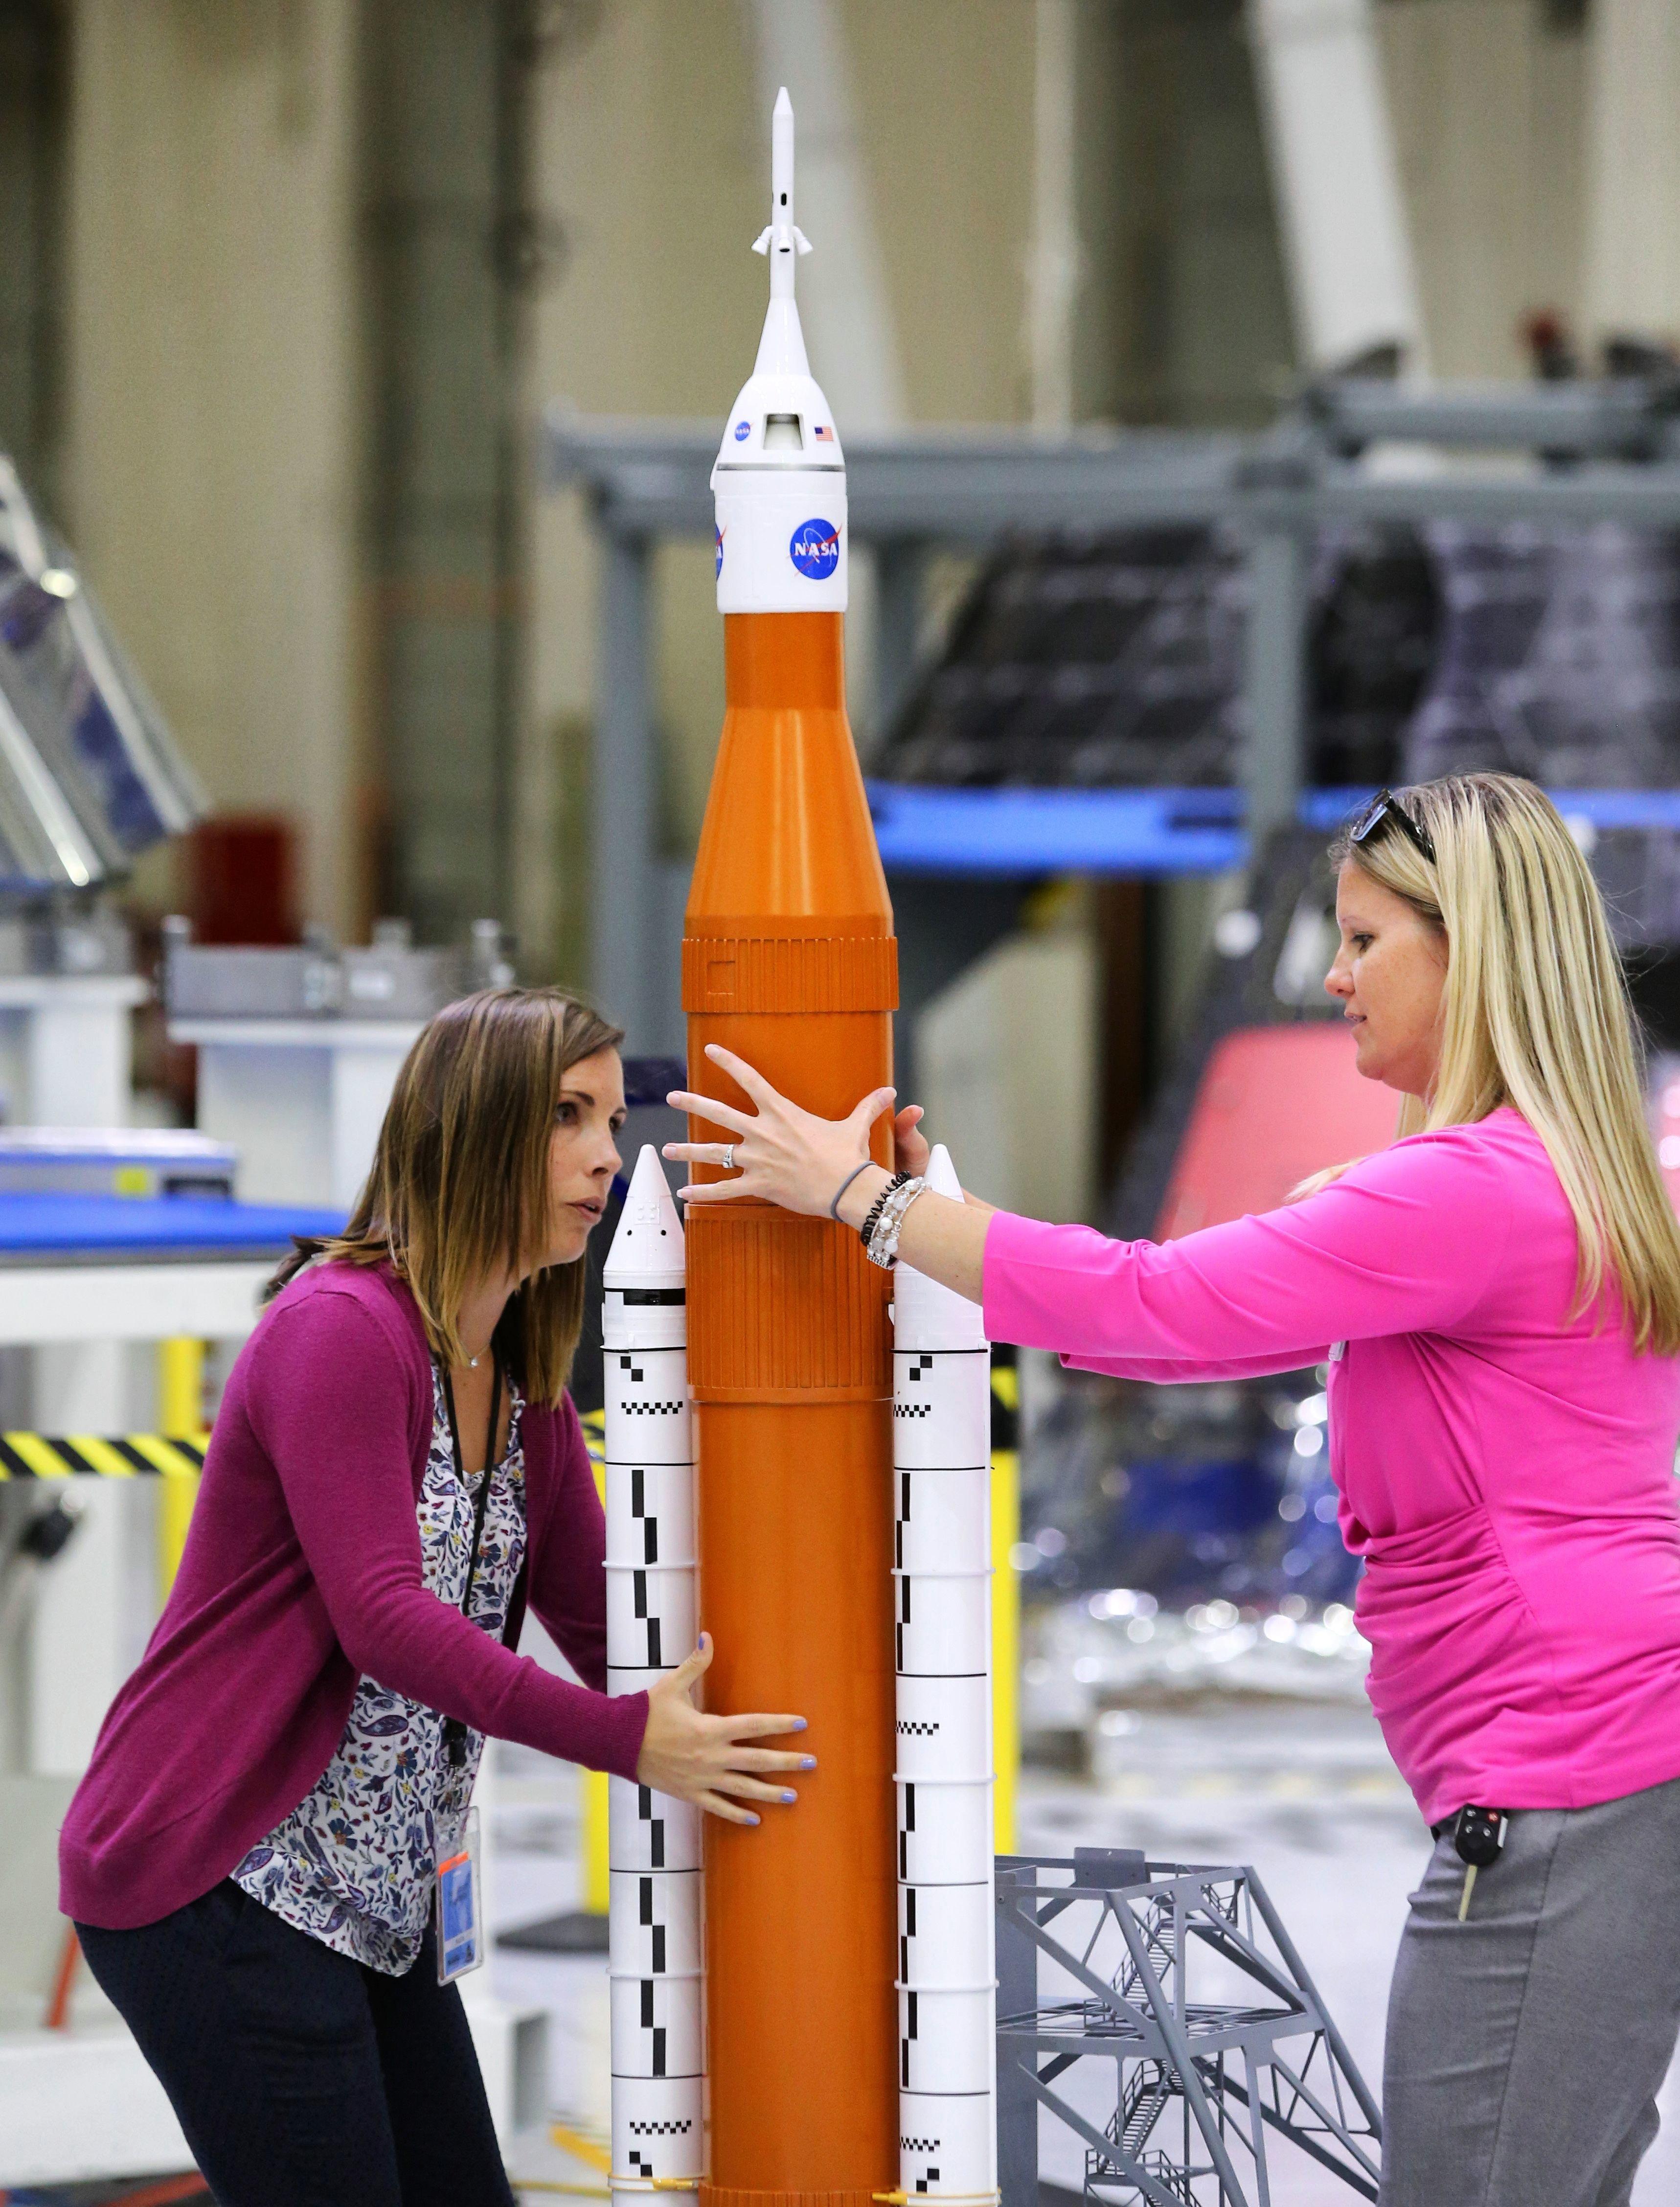 火星に最初に行く人類は、女性になる可能性。NASA長官が明かす